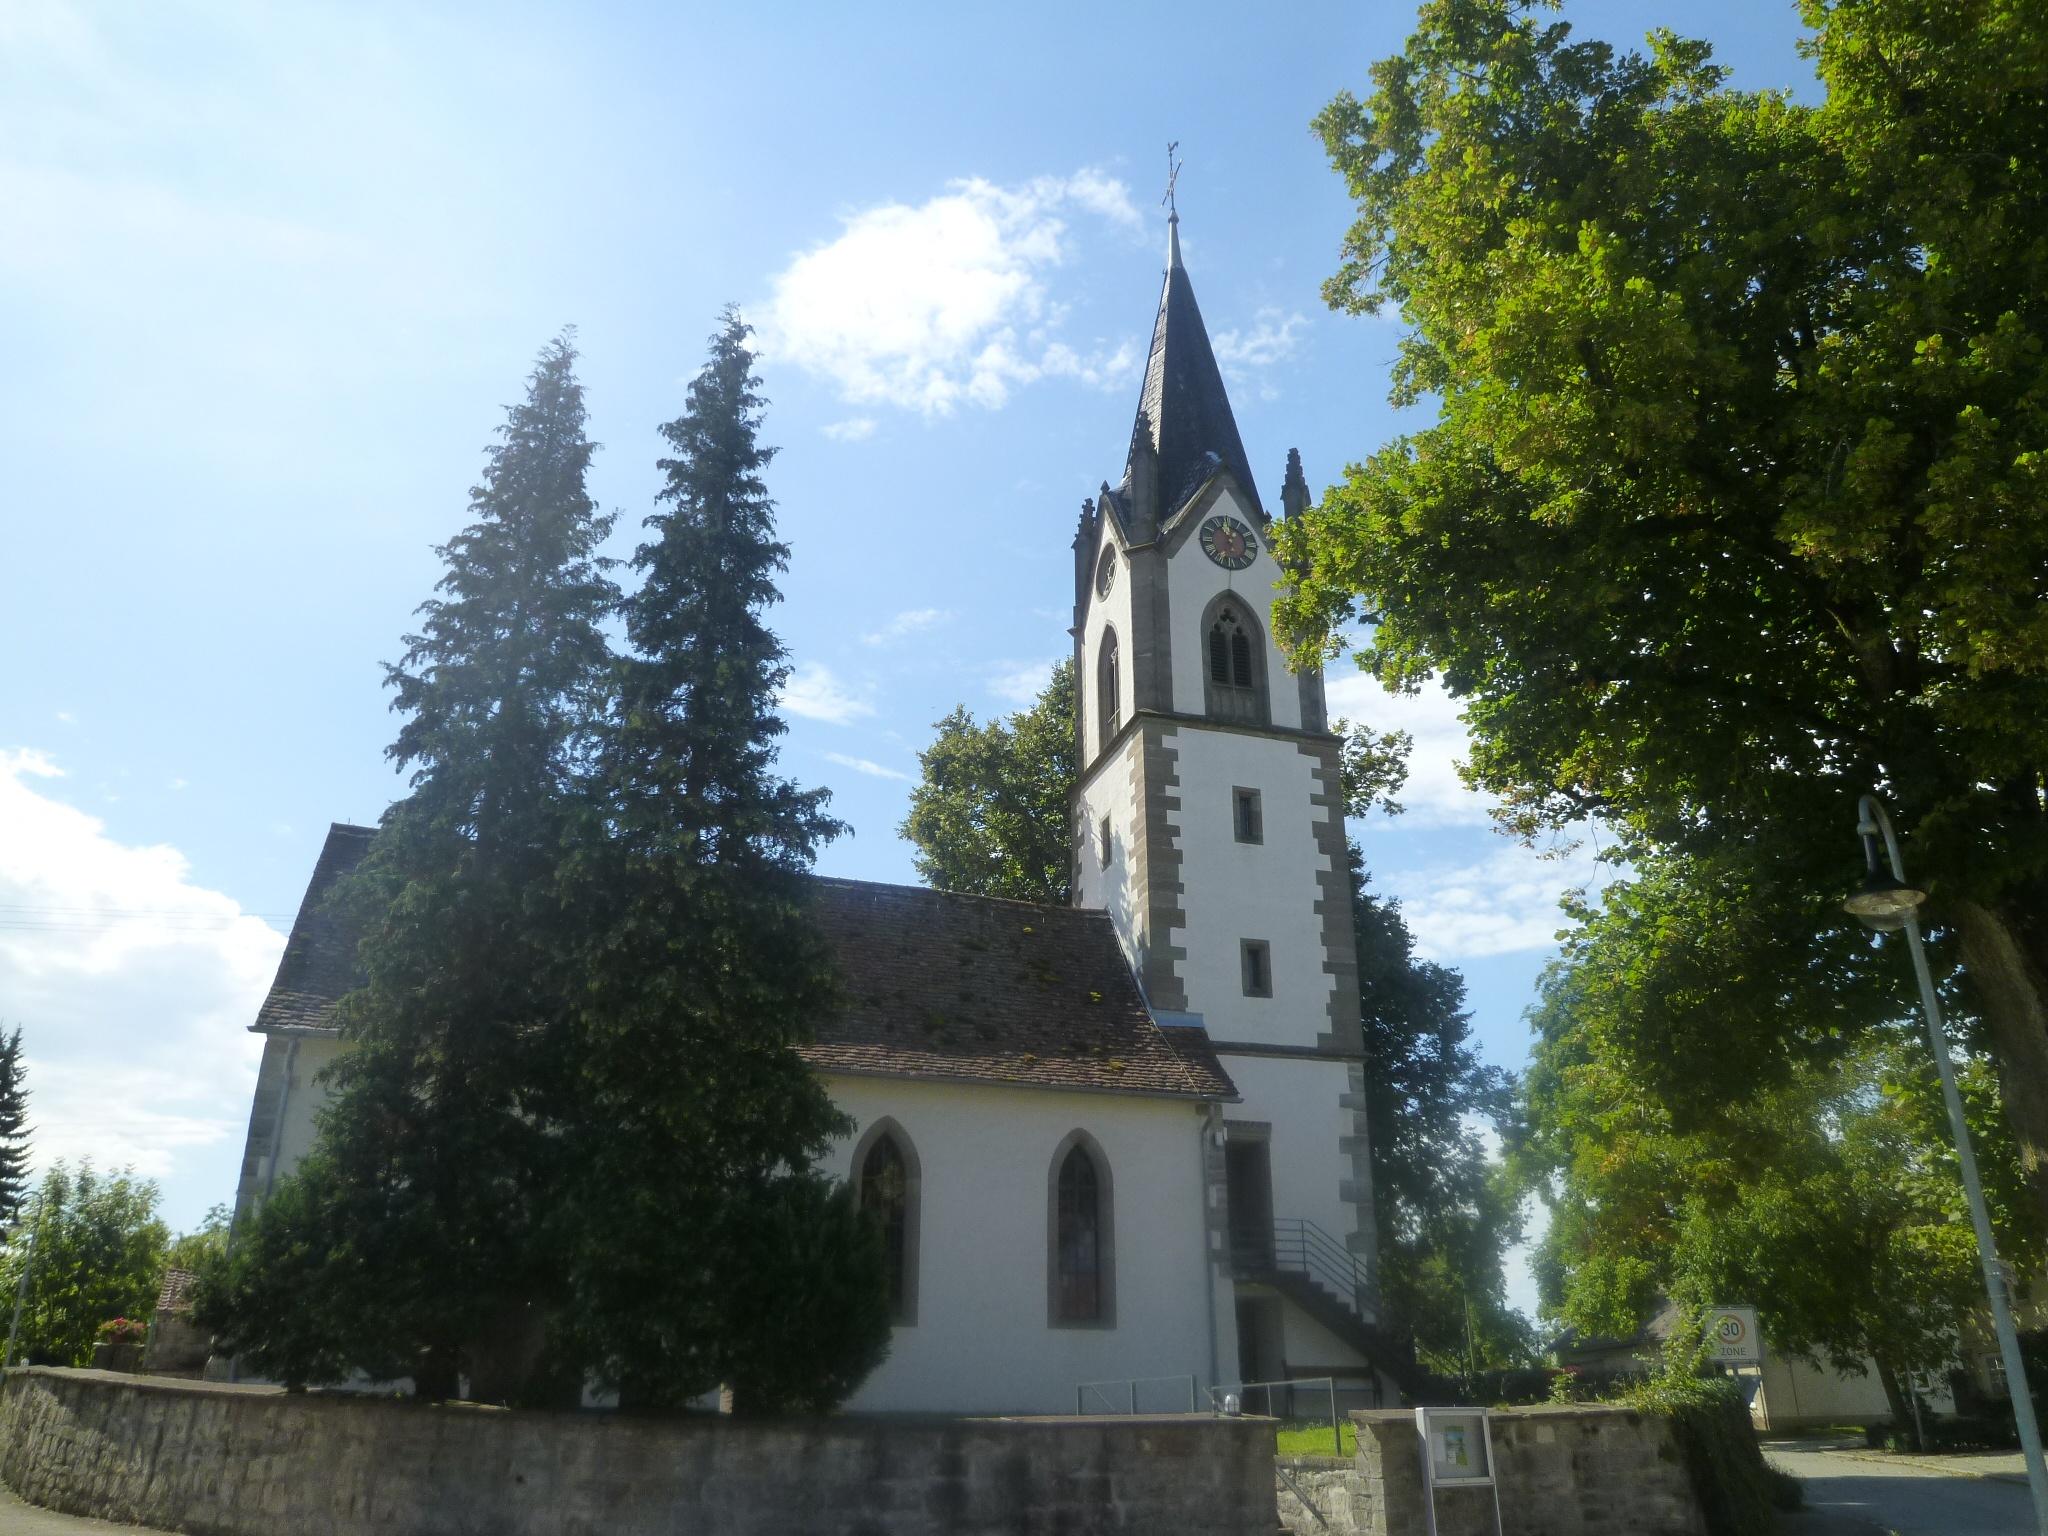 Allerheiligenkirche Brittheim